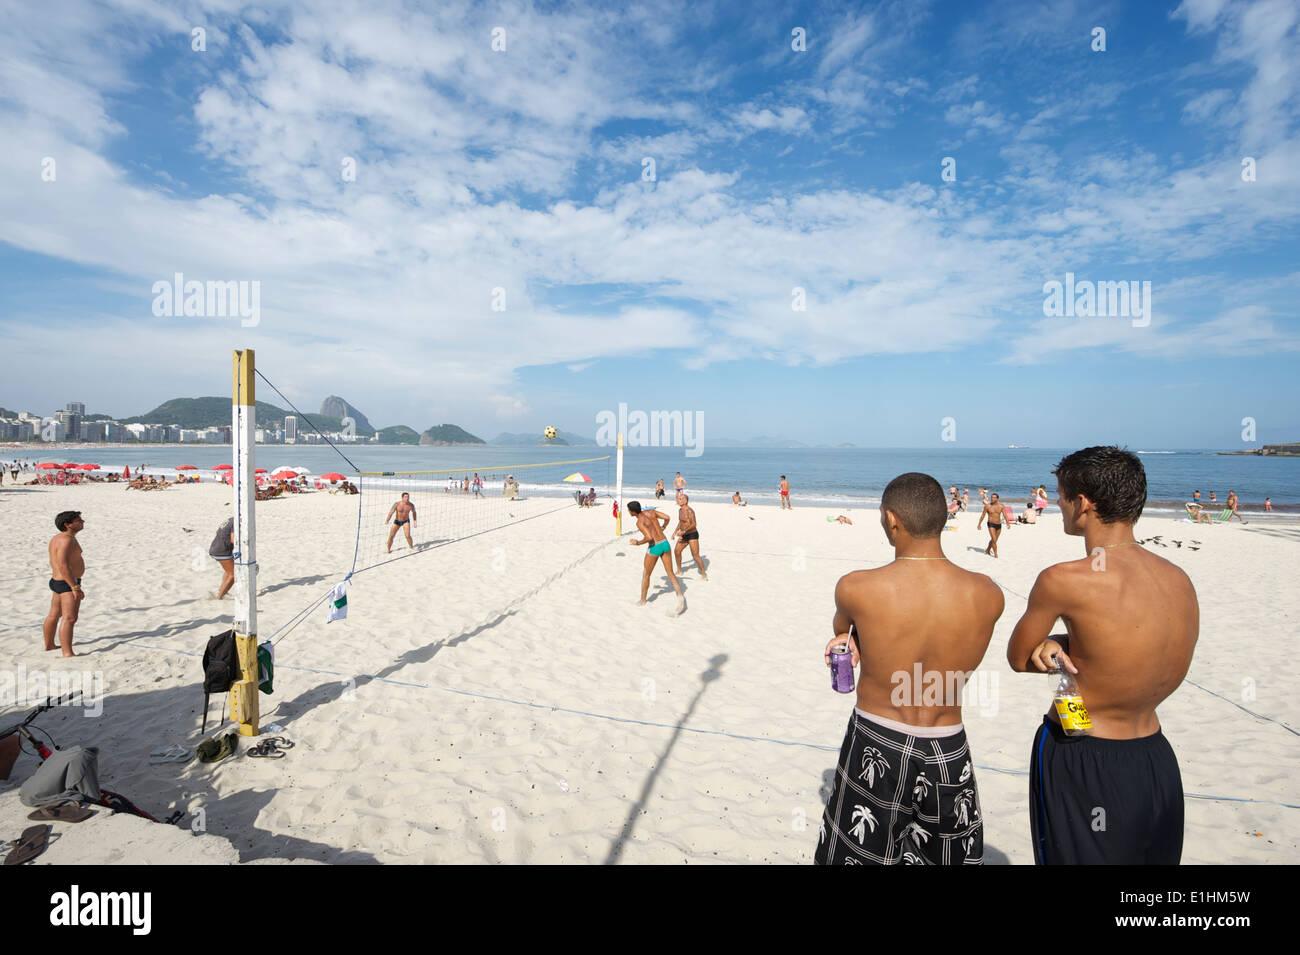 RIO DE JANEIRO, Brasilien - Januar 2011: Junge brasilianische Männer beobachten ein Spiel der Footvolley, ein Sport von Fußball und Volleyball. Stockfoto